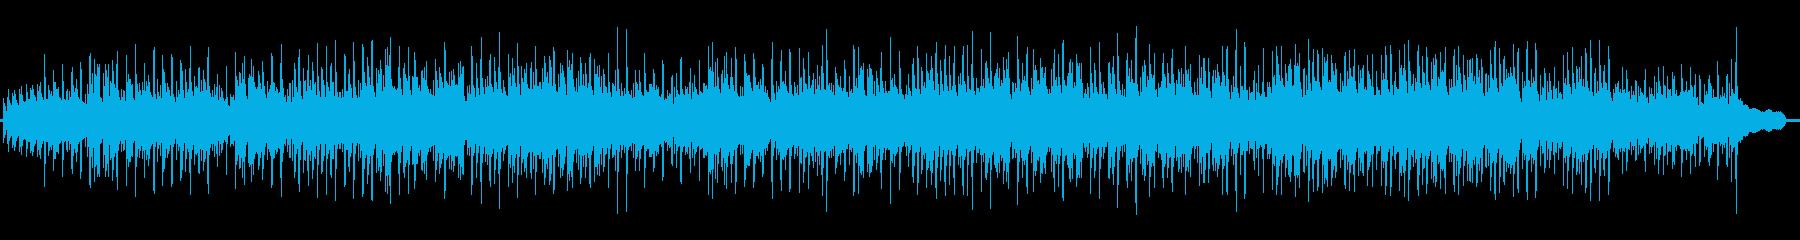 ほんのりカントリー調の明るい楽曲。の再生済みの波形